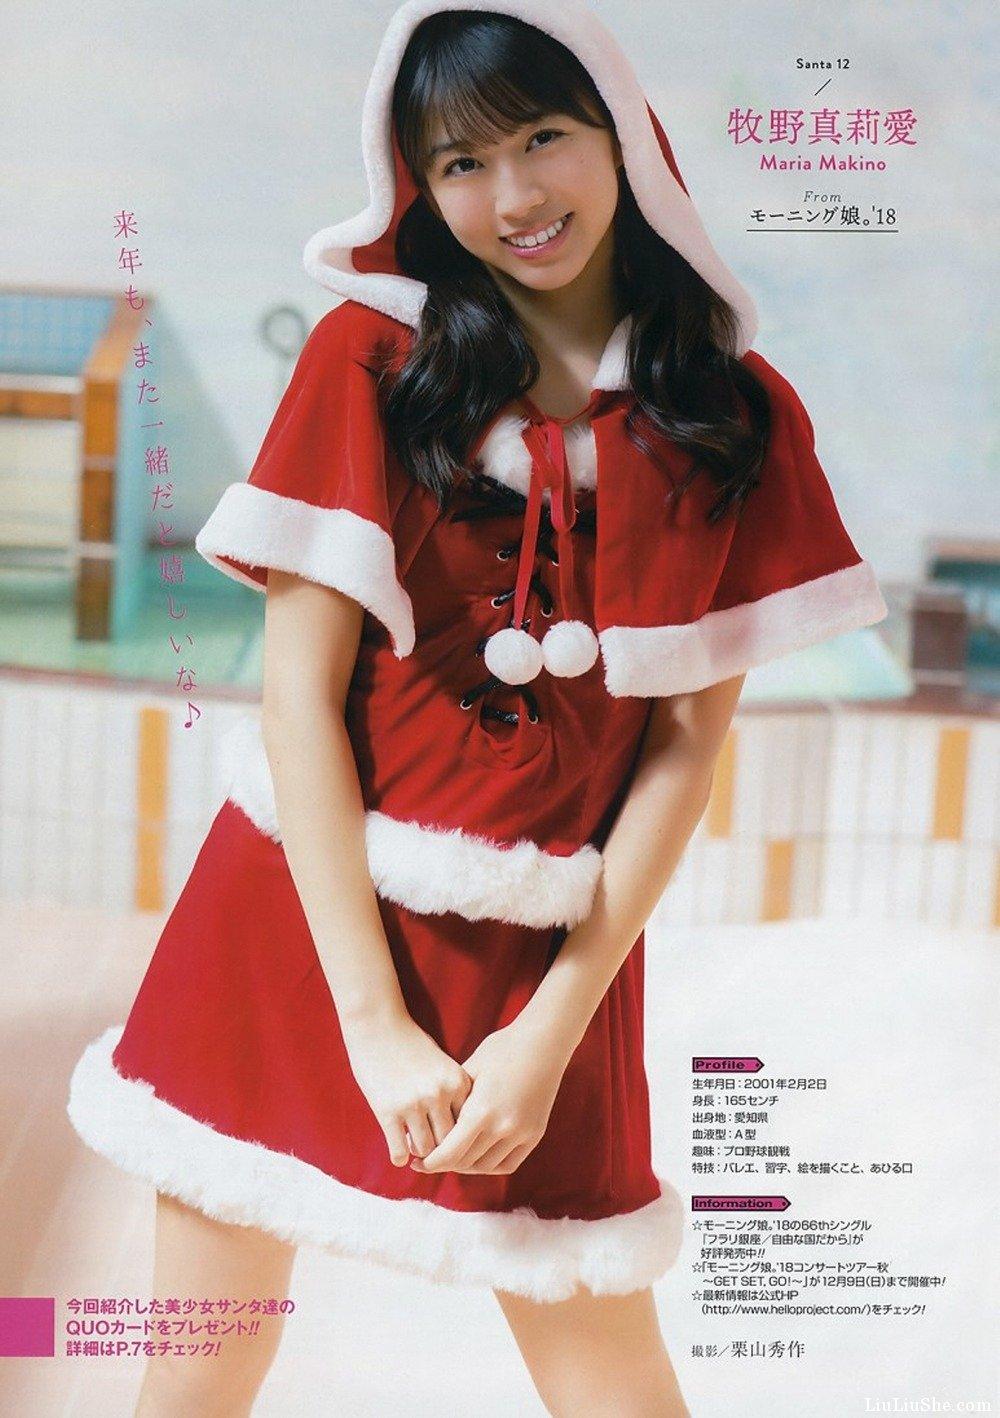 12位绝美少女的「圣诞特辑」让这个圣诞节福利满满